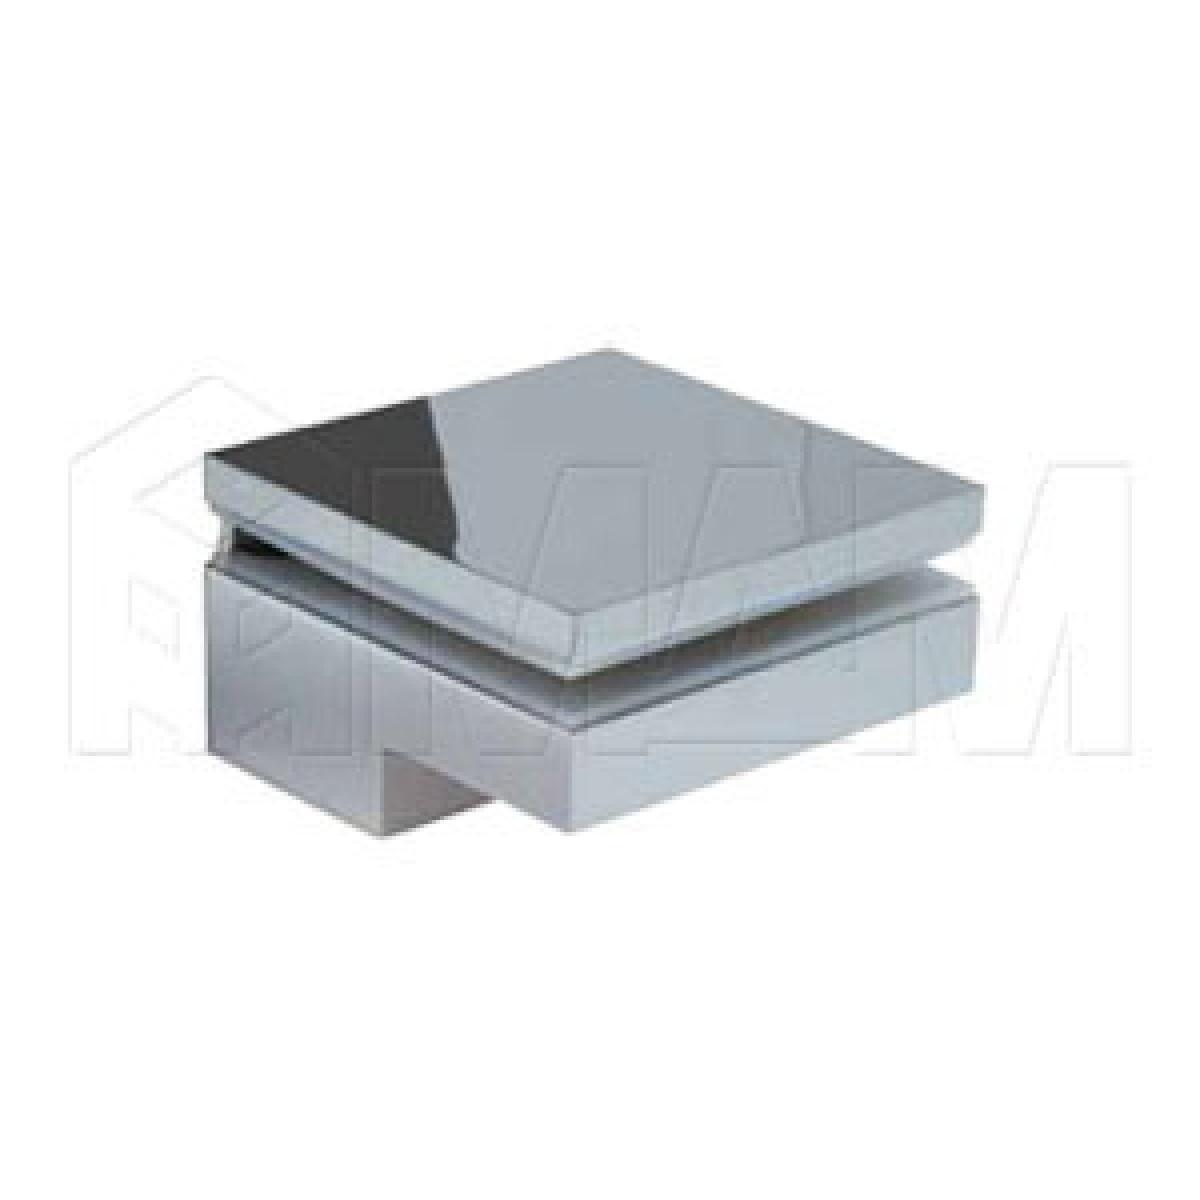 Менсолодержатель 80Х80 мм для деревянных и стеклянных полок 6 - 40 мм, хром (2 шт.)